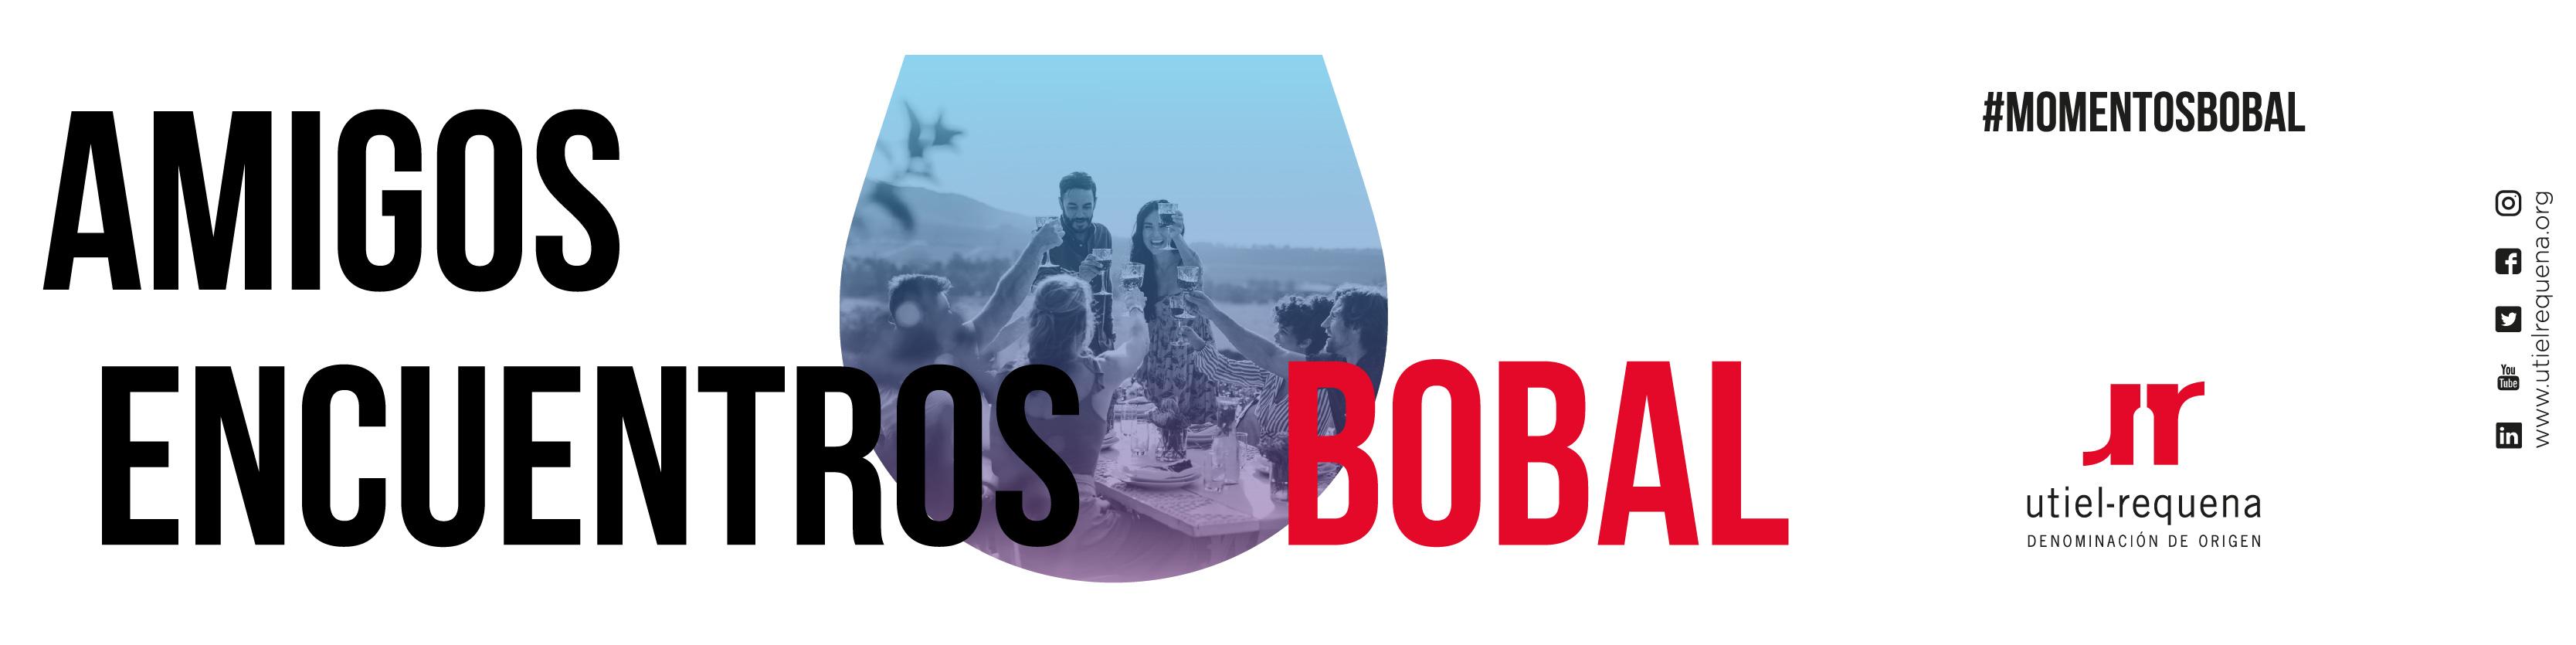 200709-amigos-encuentros-bobal-800x200px